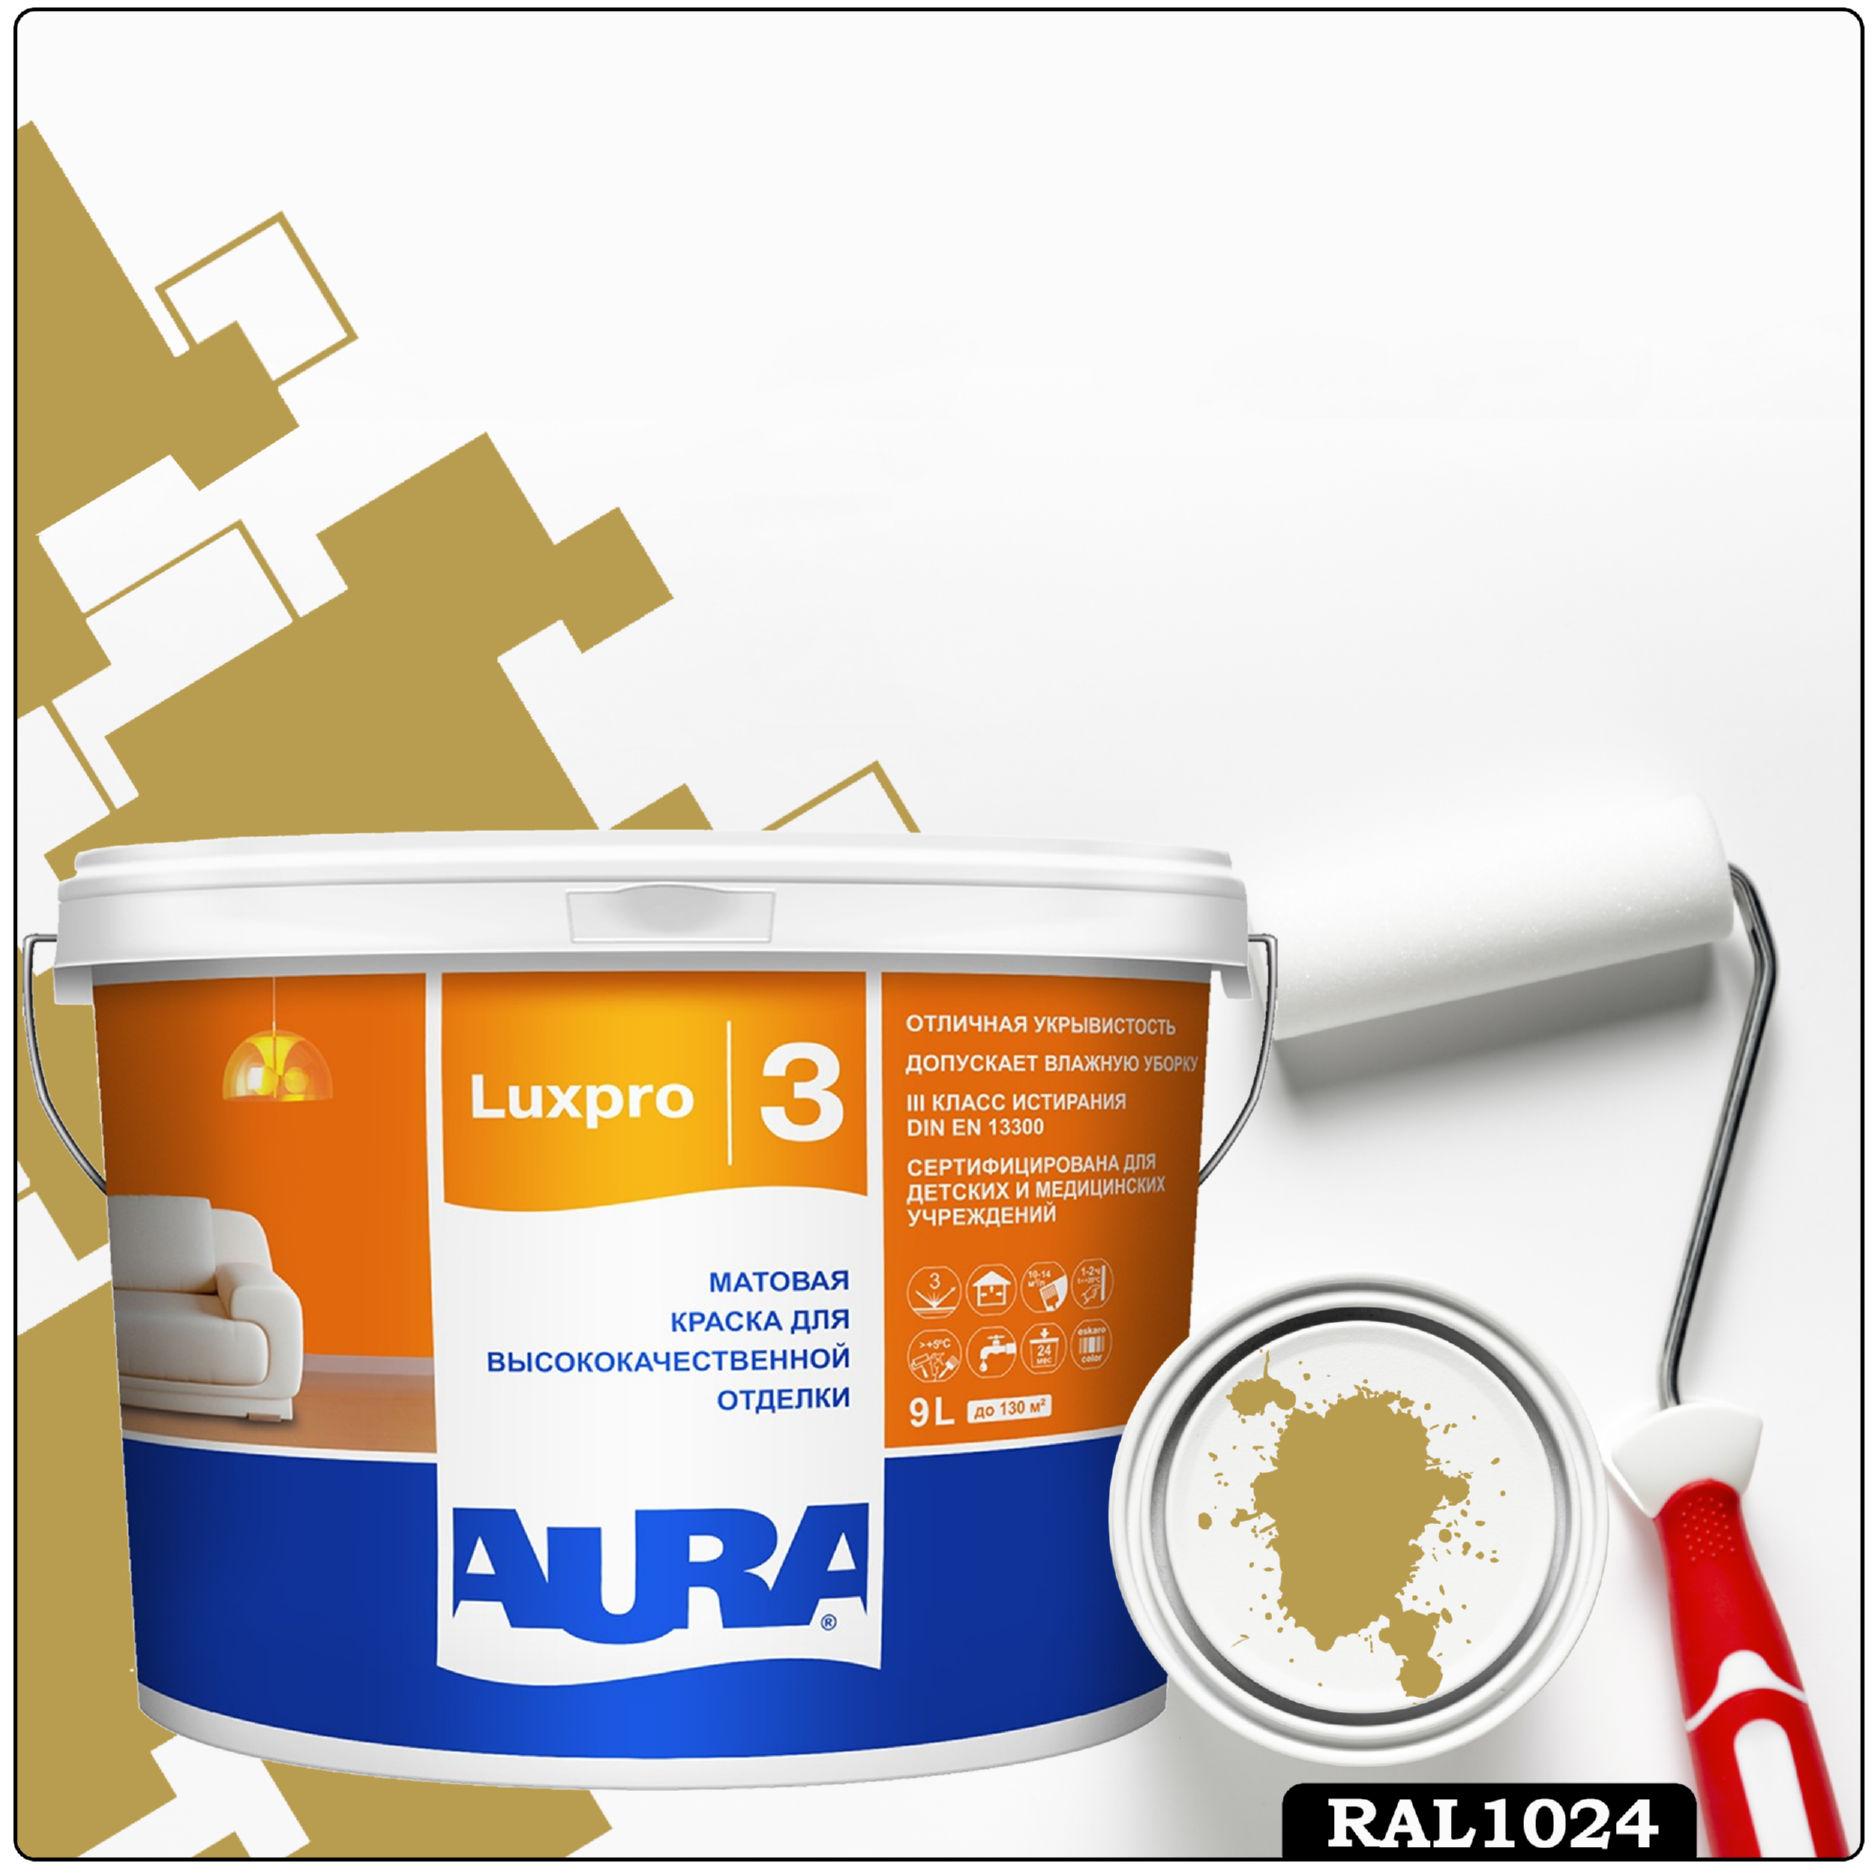 Фото 21 - Краска Aura LuxPRO 3, RAL 1024 Жёлтая охра, латексная, шелково-матовая, интерьерная, 9л, Аура.